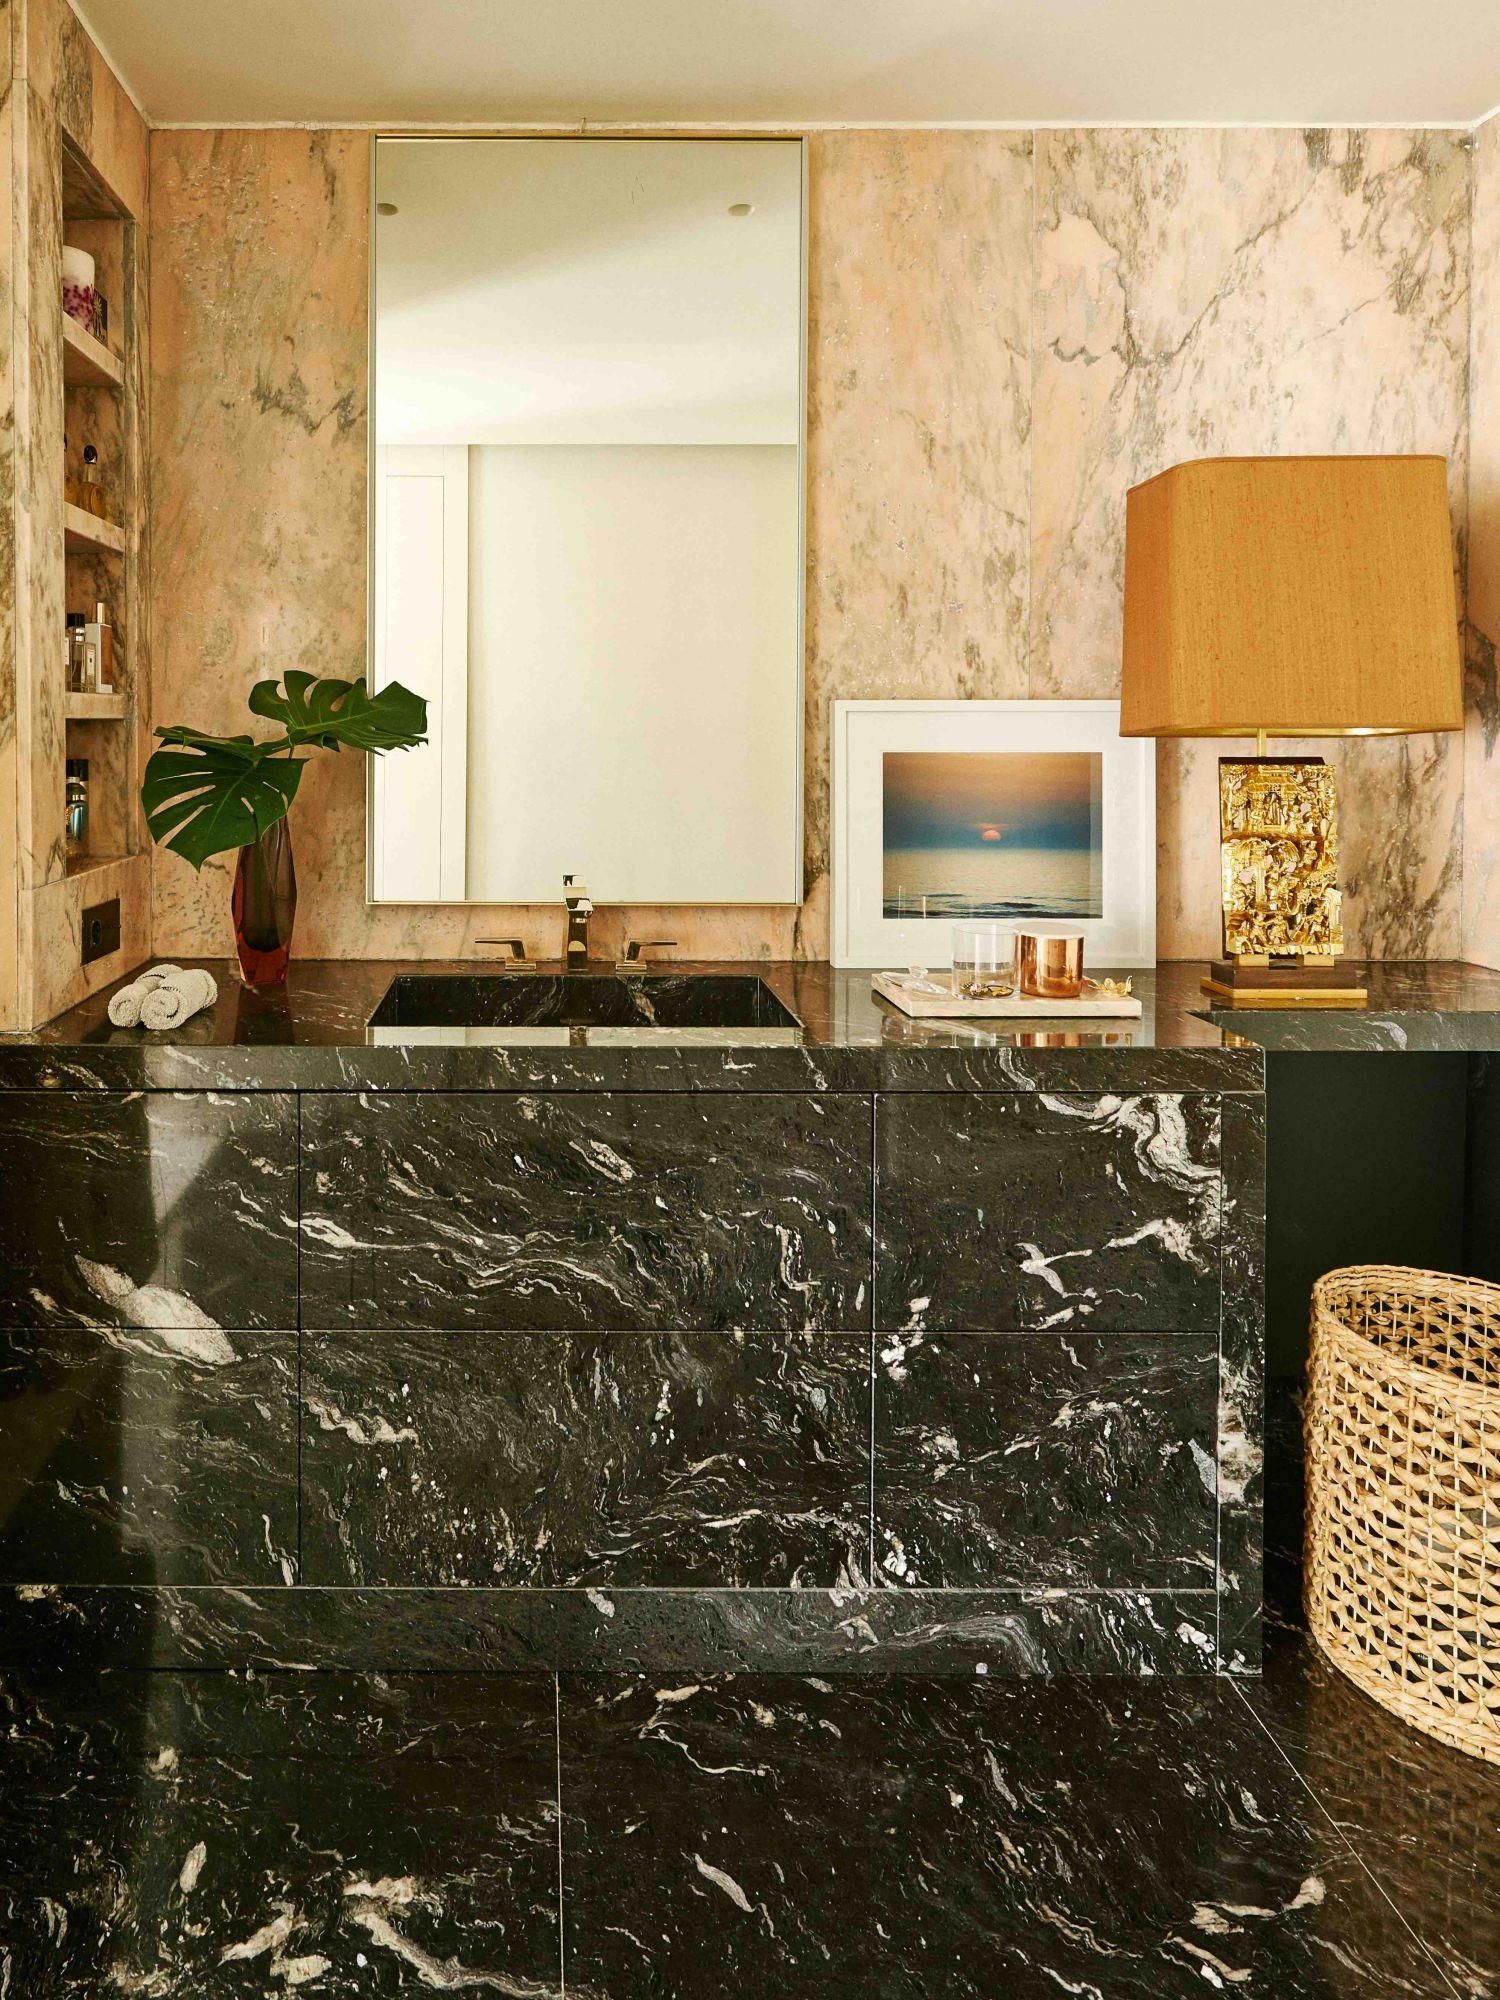 La salle de bain principale est un espace glamour avec du granit noir Cheyenne, des murs en marbre rose portugais et des robinets en or de Dornbracht